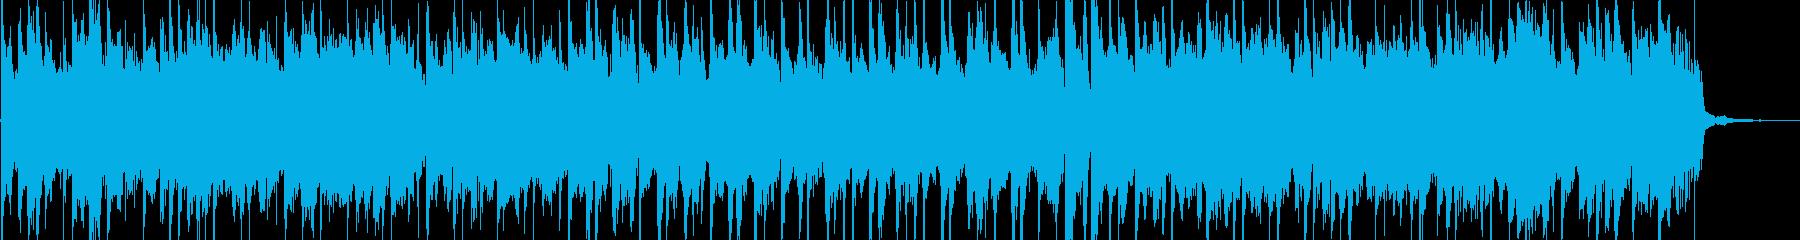 子供用のご機嫌な雰囲気のBGMの再生済みの波形